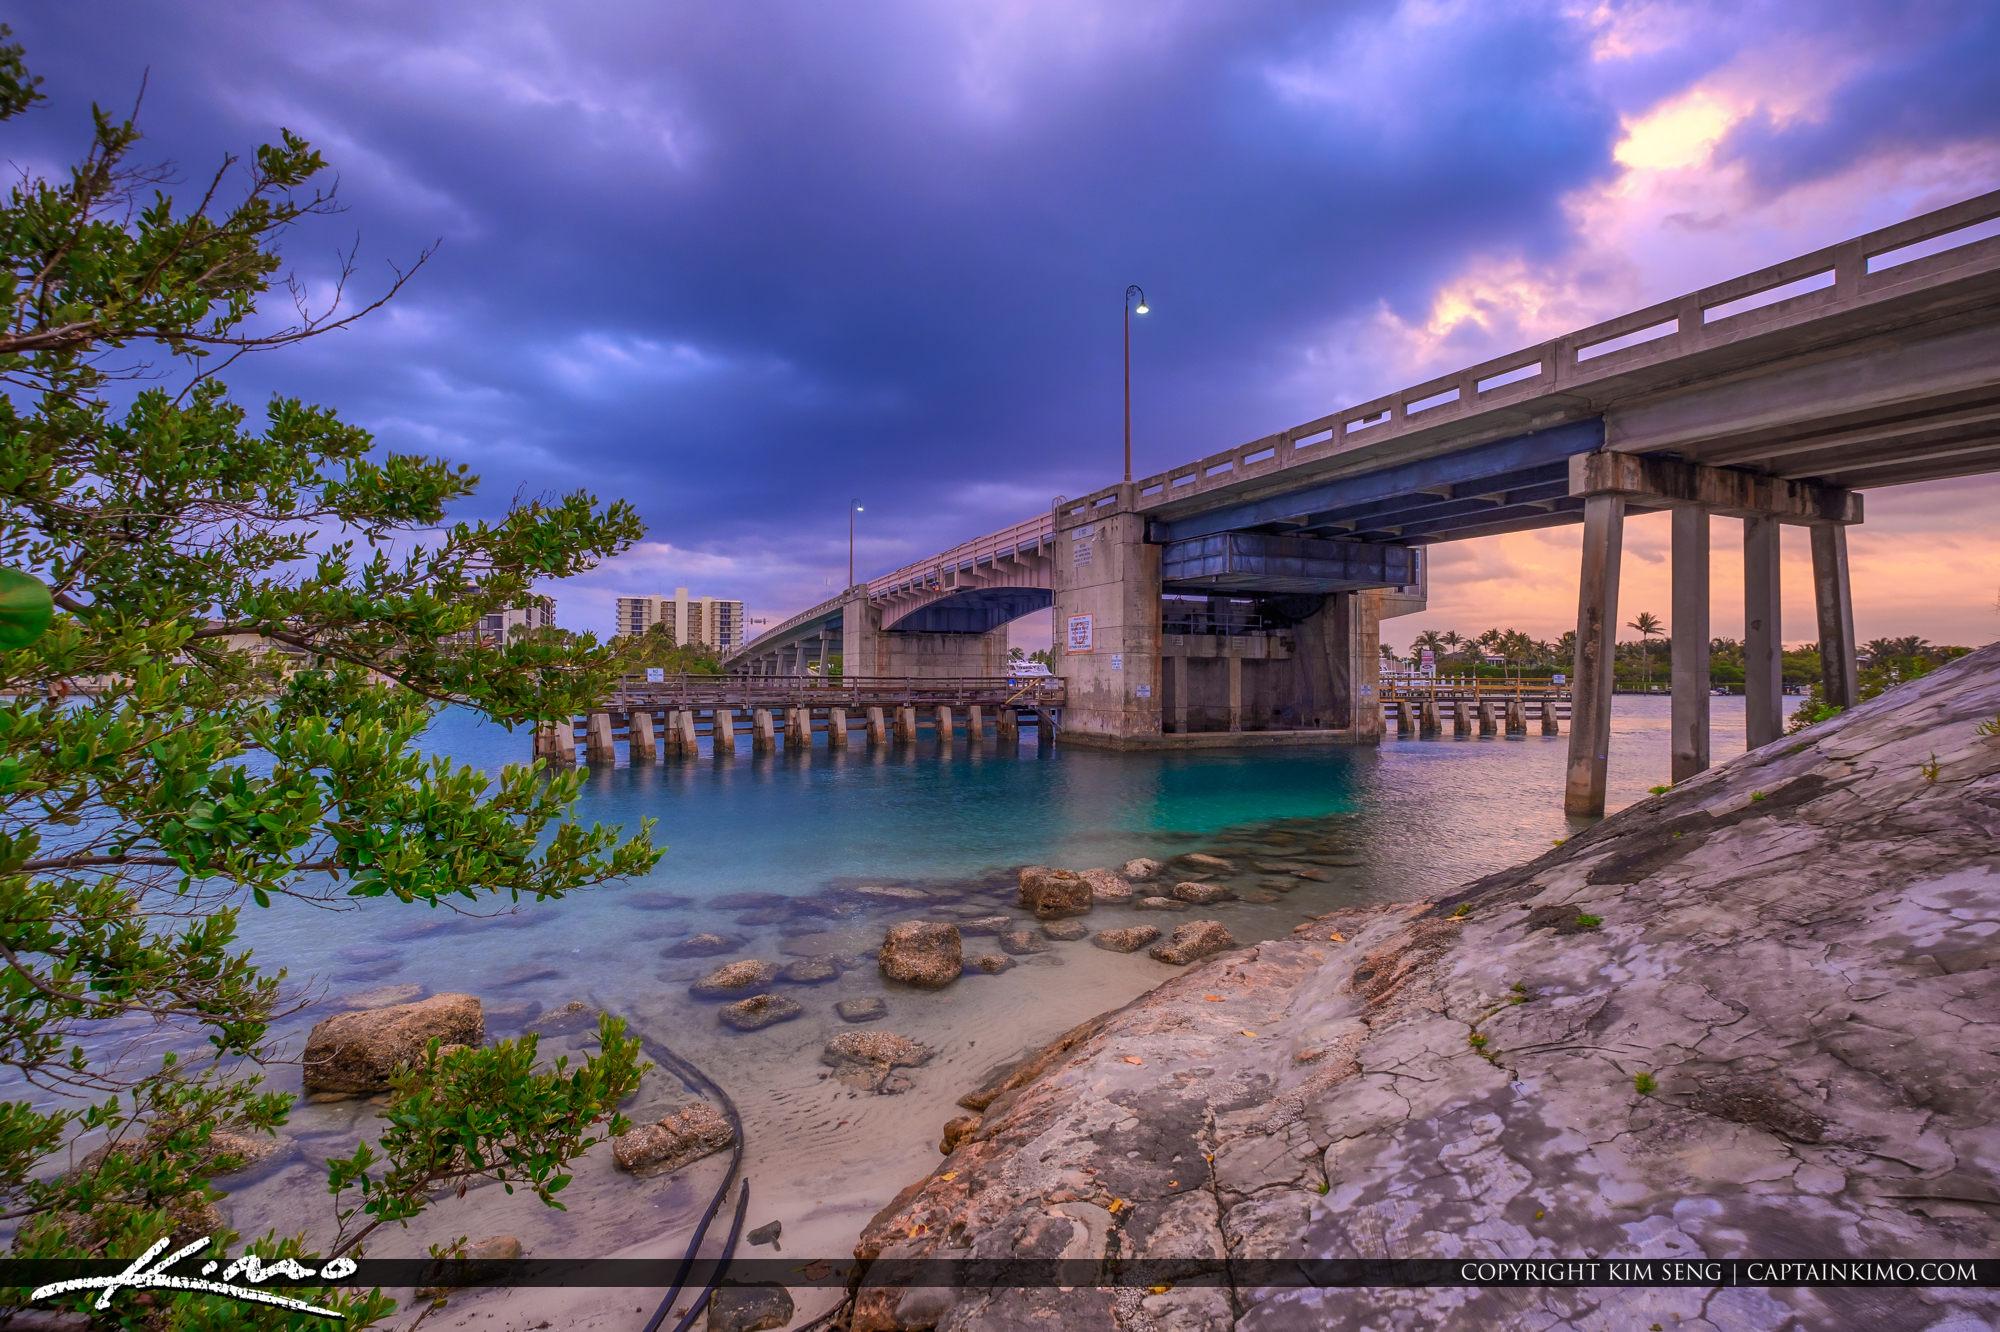 Katos Bridge Jupiter Florida to Jupiter Island